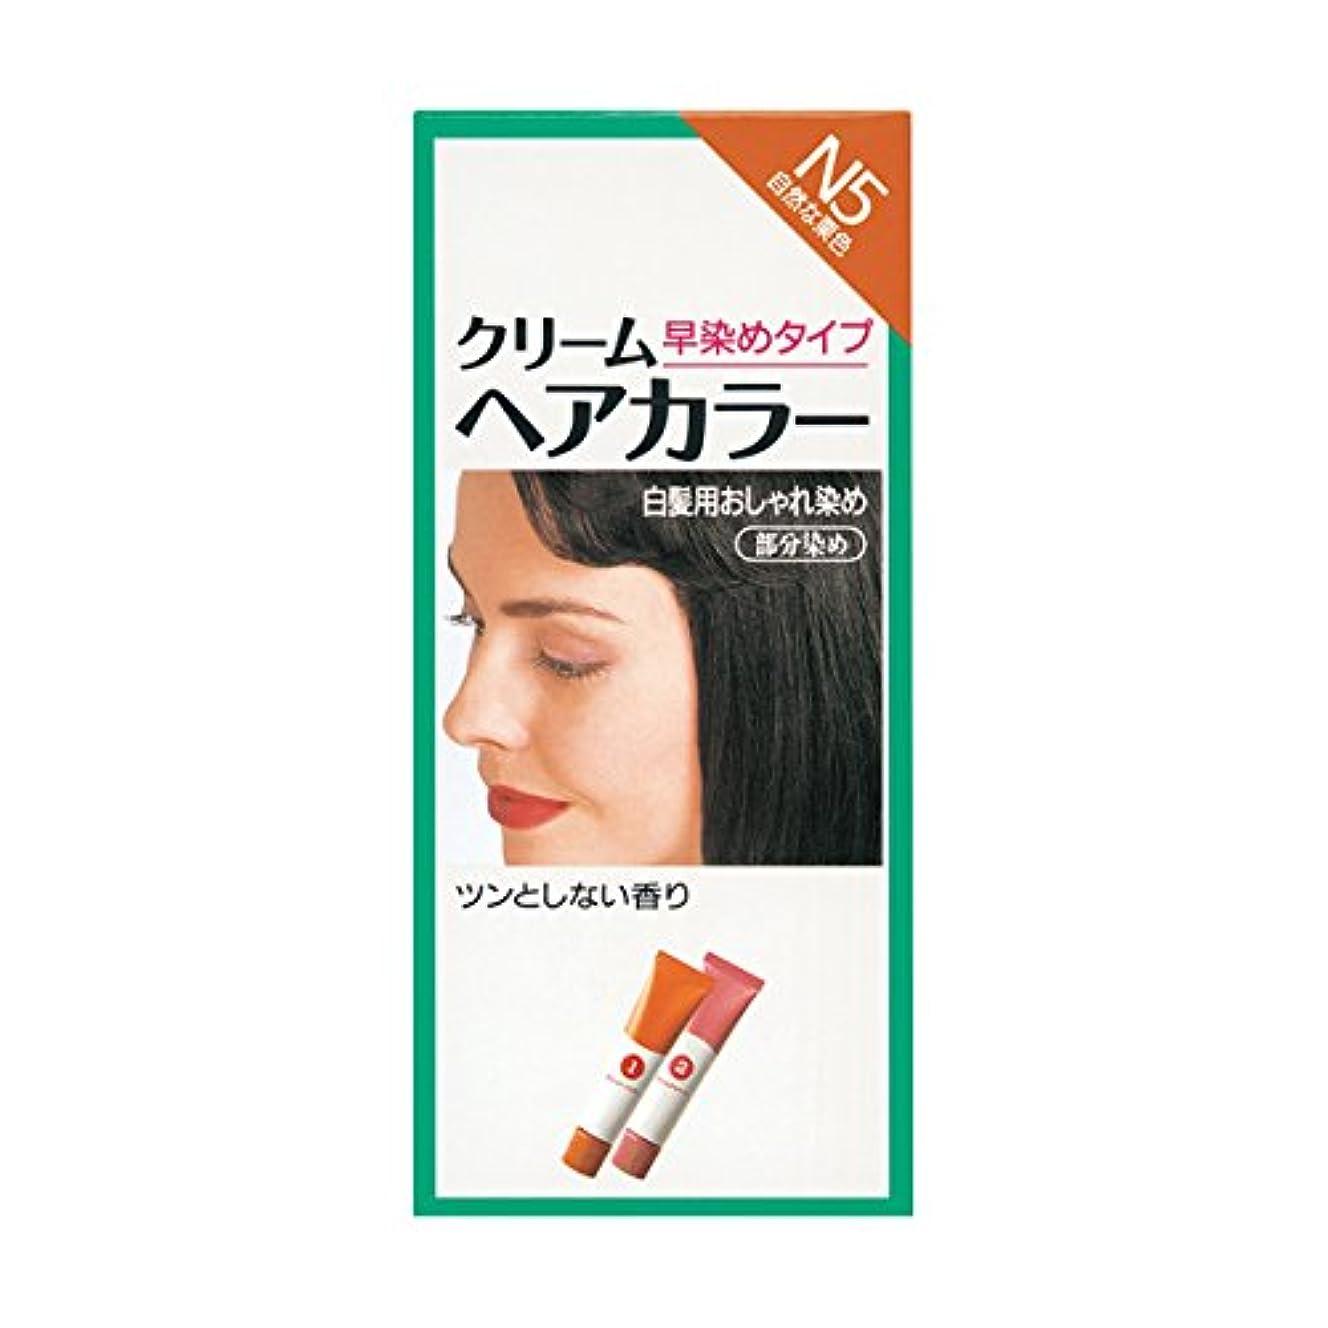 戻るレイ原始的なヘアカラー クリームヘアカラーN N5 【医薬部外品】